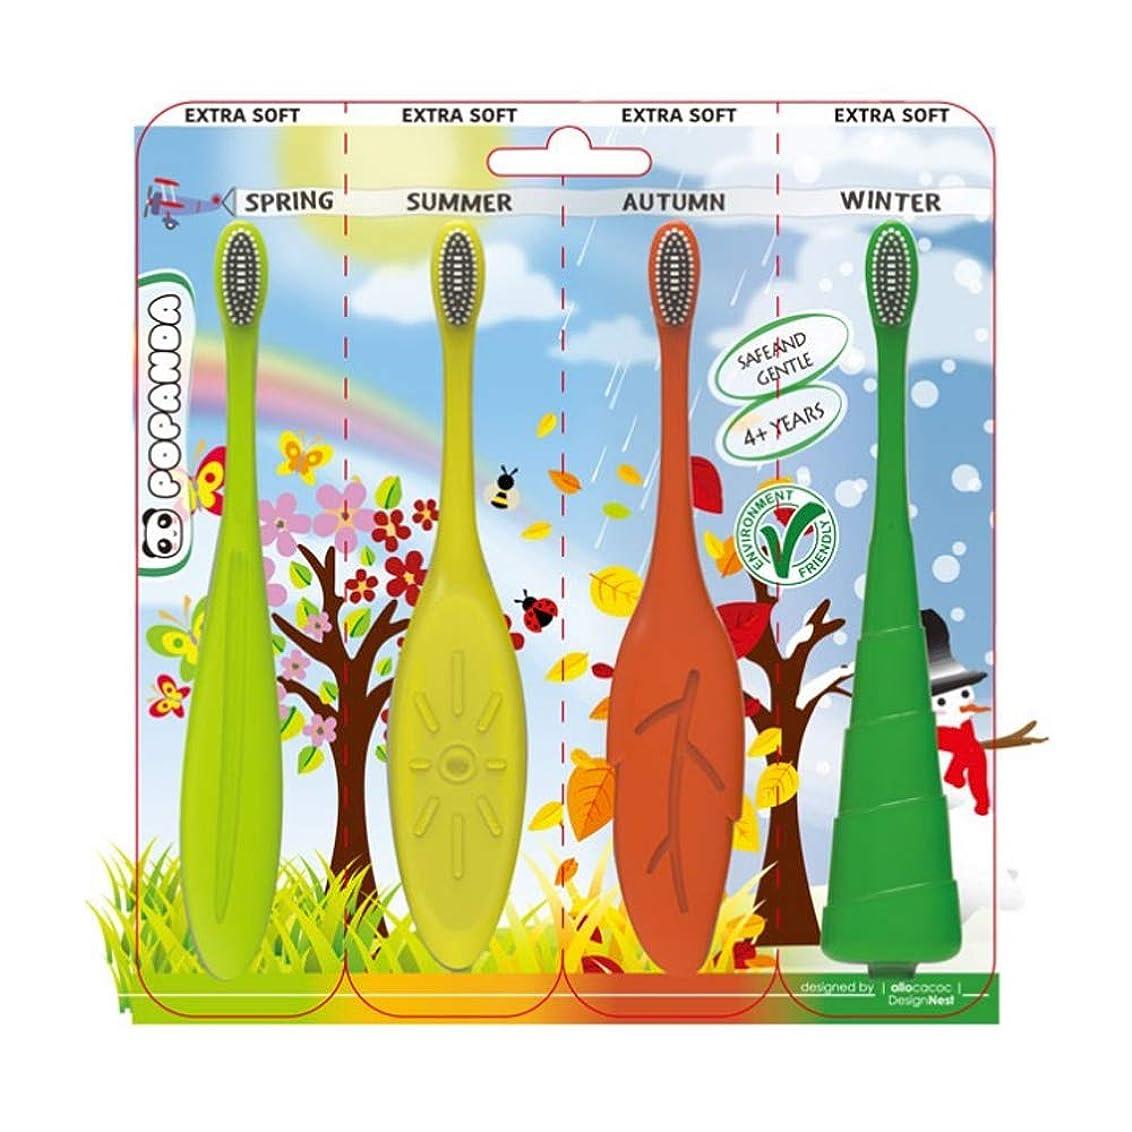 ウェブ古い感性(4個) Baby 幼児 四季 シリコン歯ブラシ Set Baby Kid's Gift Seasonal Silicone Toothbrush 並行輸入